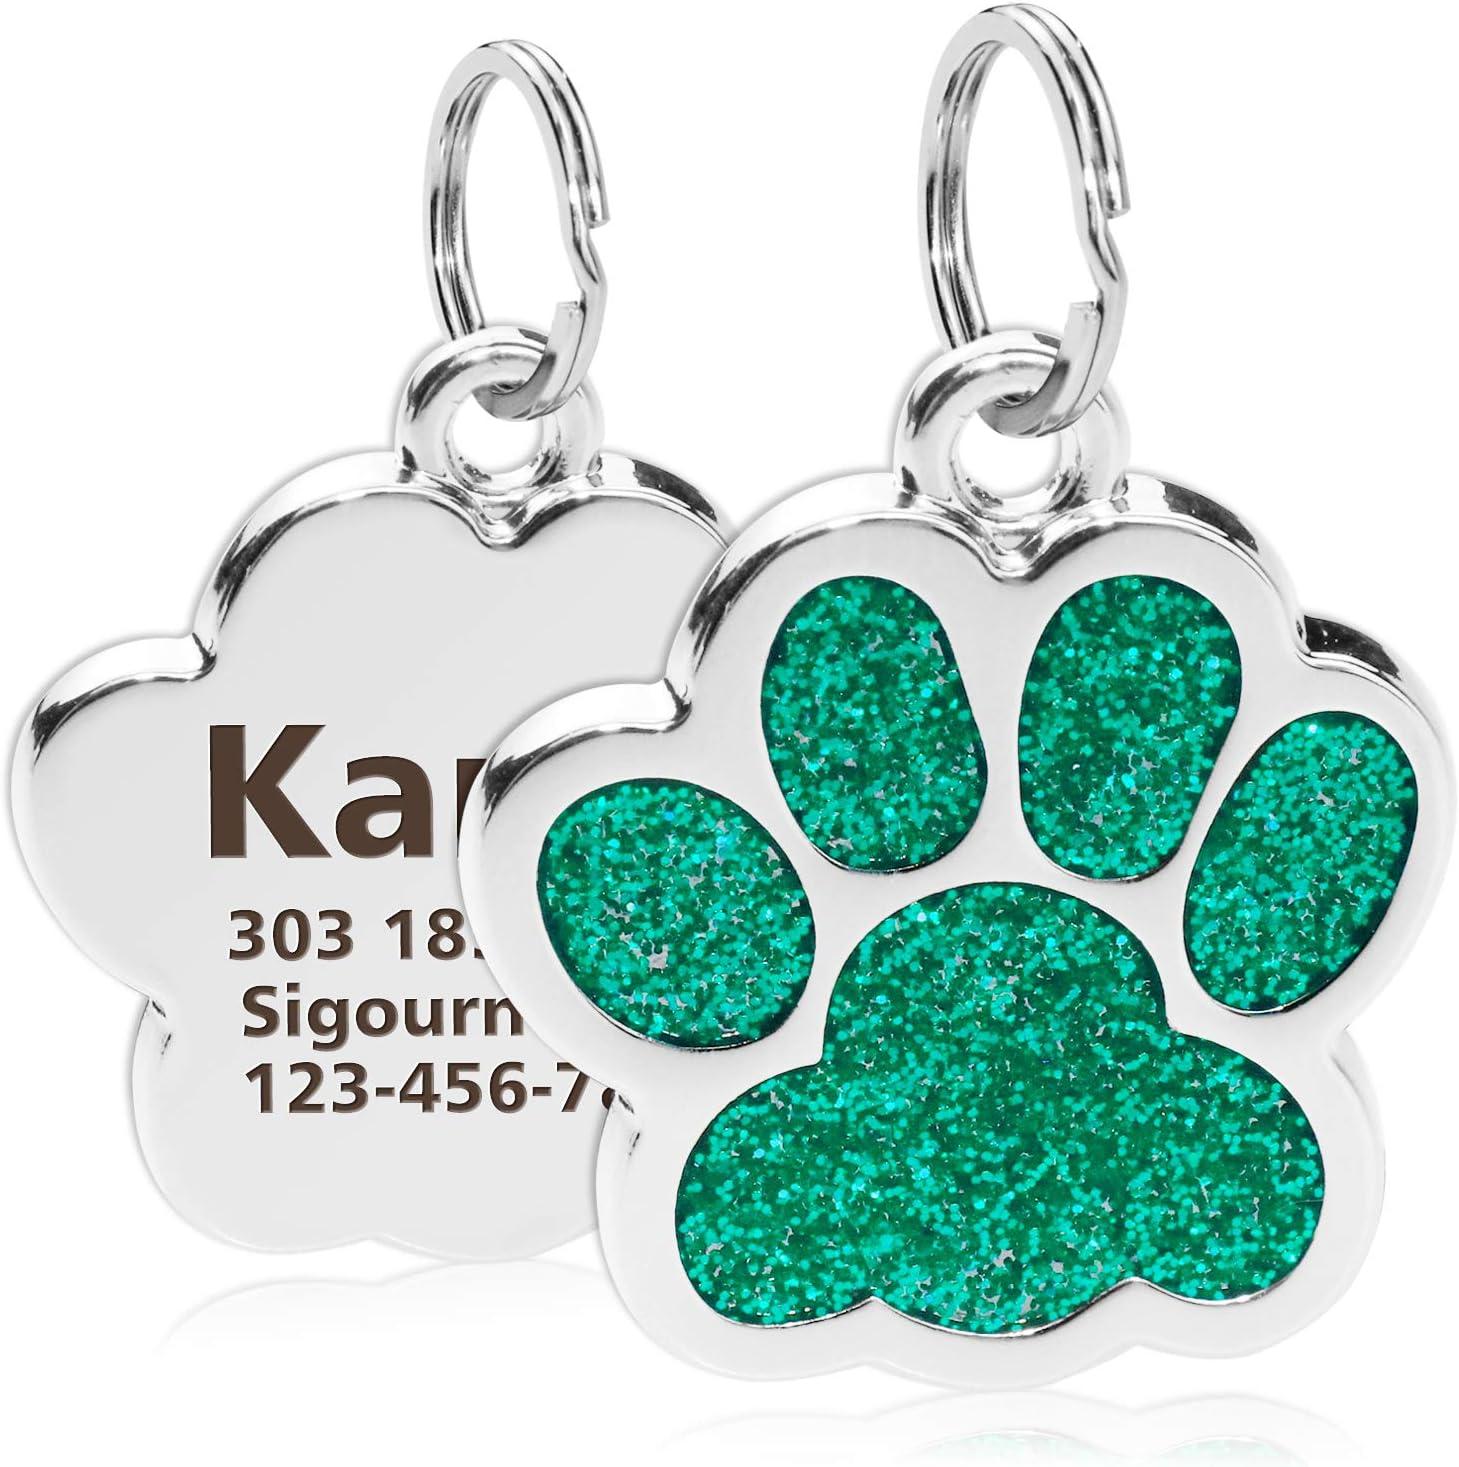 TagME Personalisierter Hund /& Katze Marke//Hundemarke aus Edelstahl mit eingraviertem Namen und Telefonnummer//Prickelnde Katzenmarke in Pfotenform